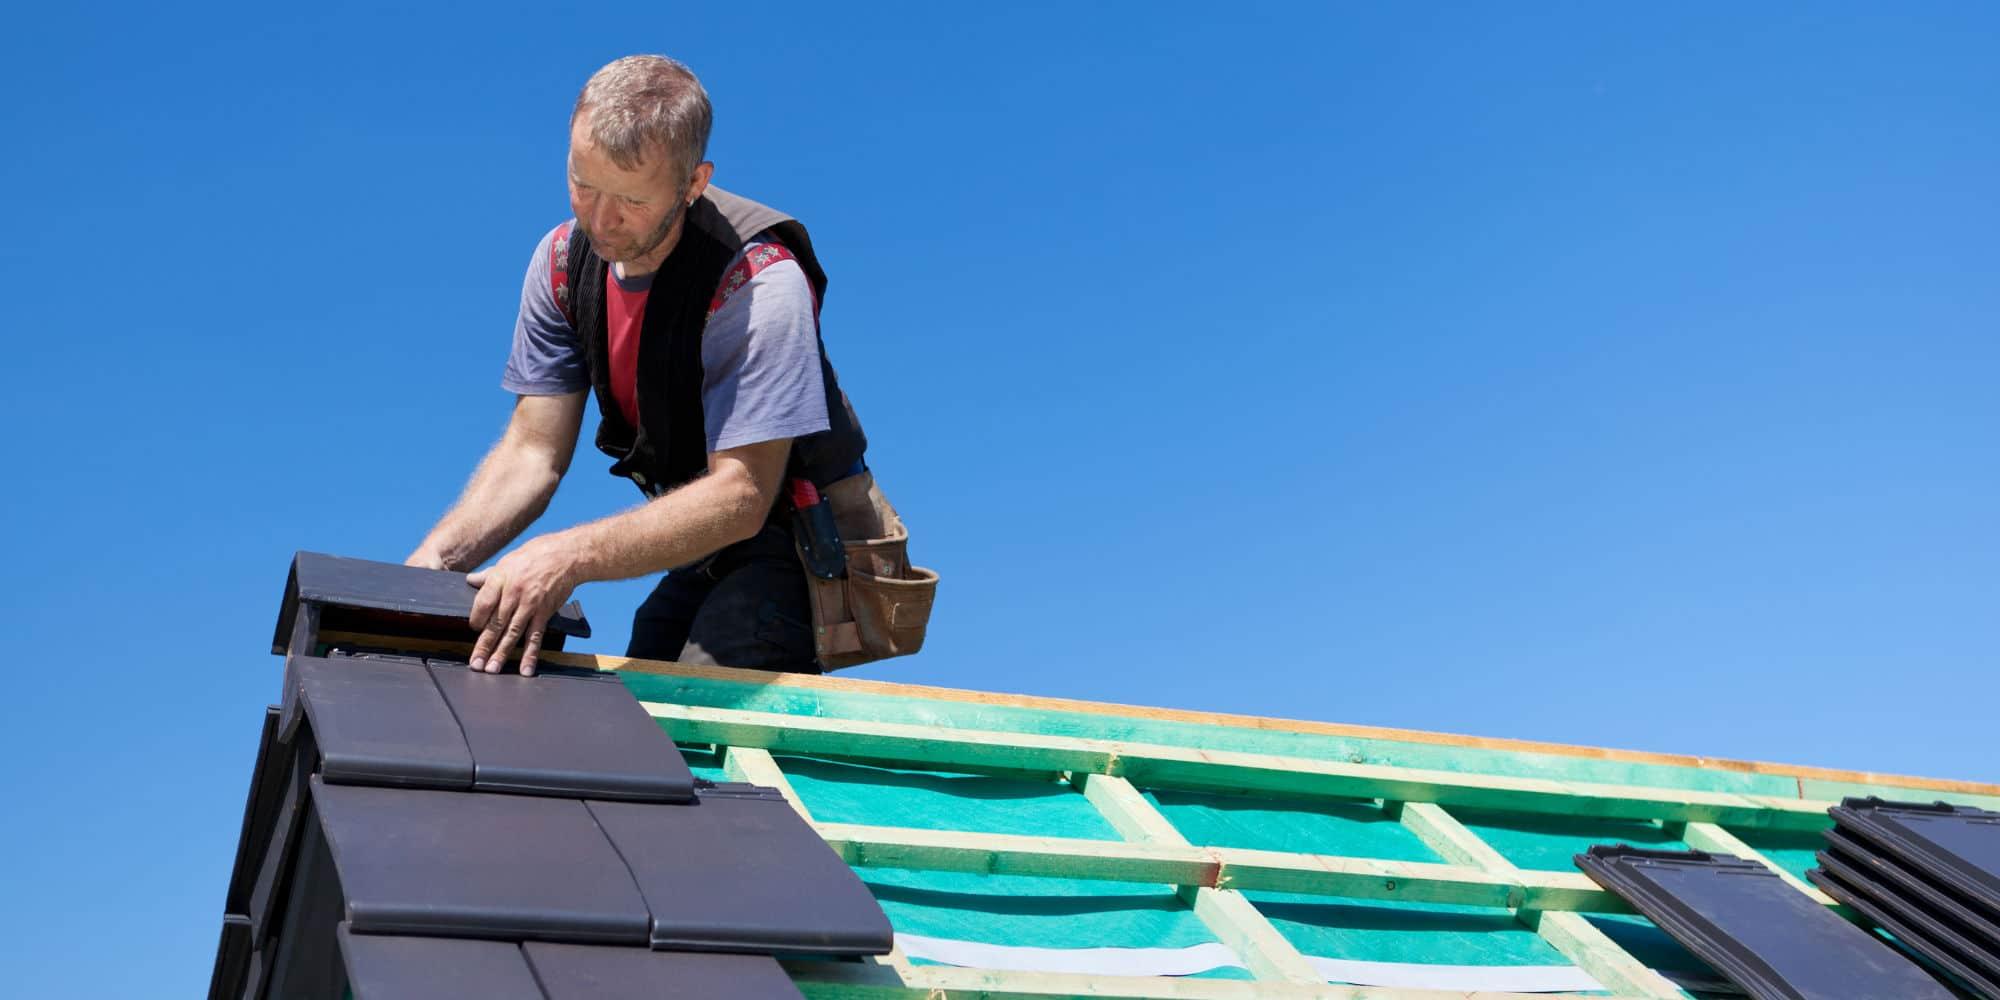 zelf dakpannen leggen